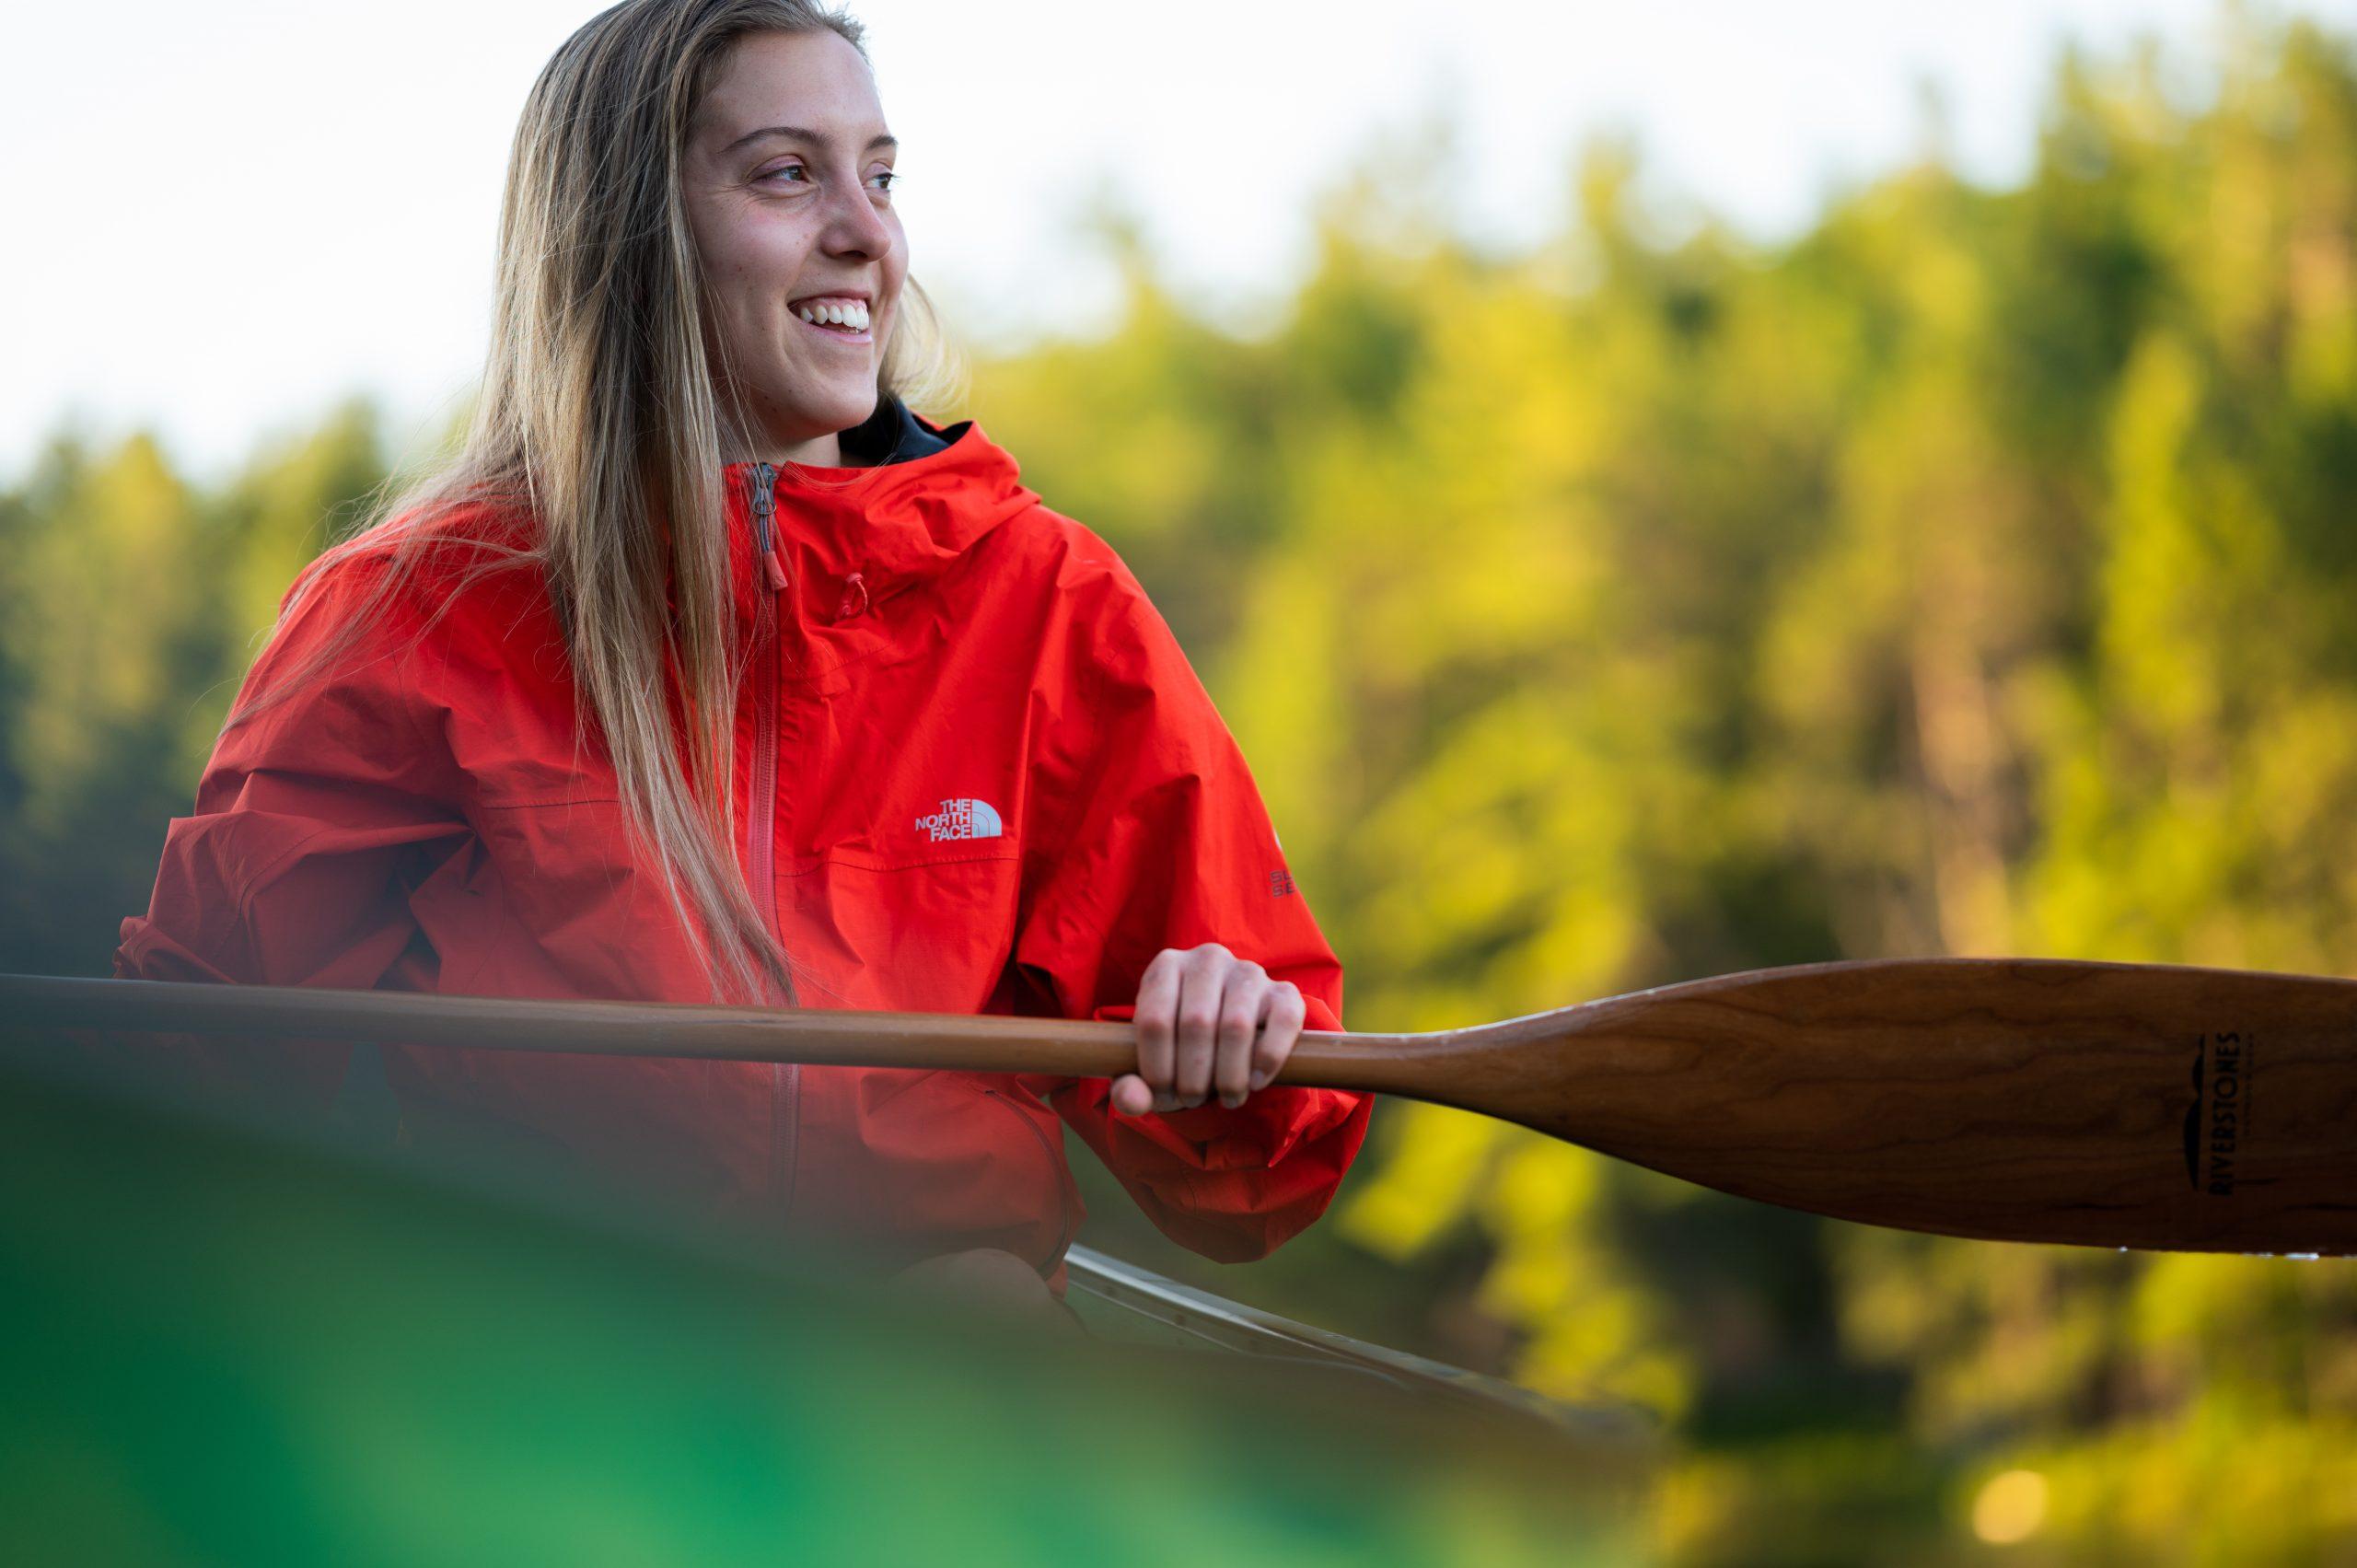 Canoe Lifestyle 5